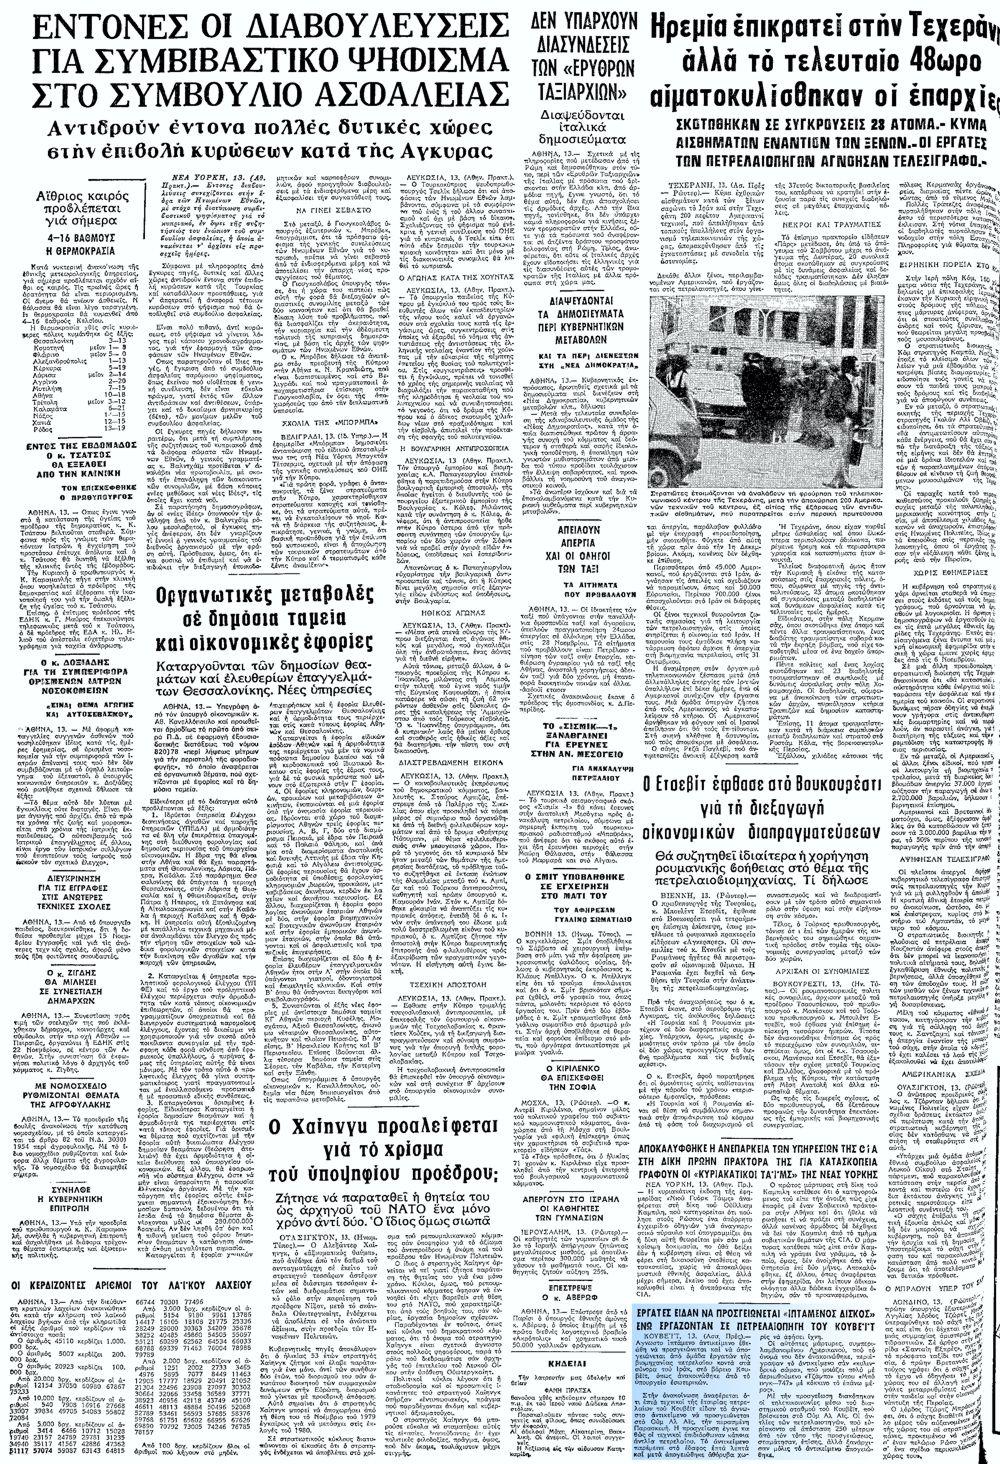 """Το άρθρο, όπως δημοσιεύθηκε στην εφημερίδα """"ΜΑΚΕΔΟΝΙΑ"""", στις 14/11/1978"""